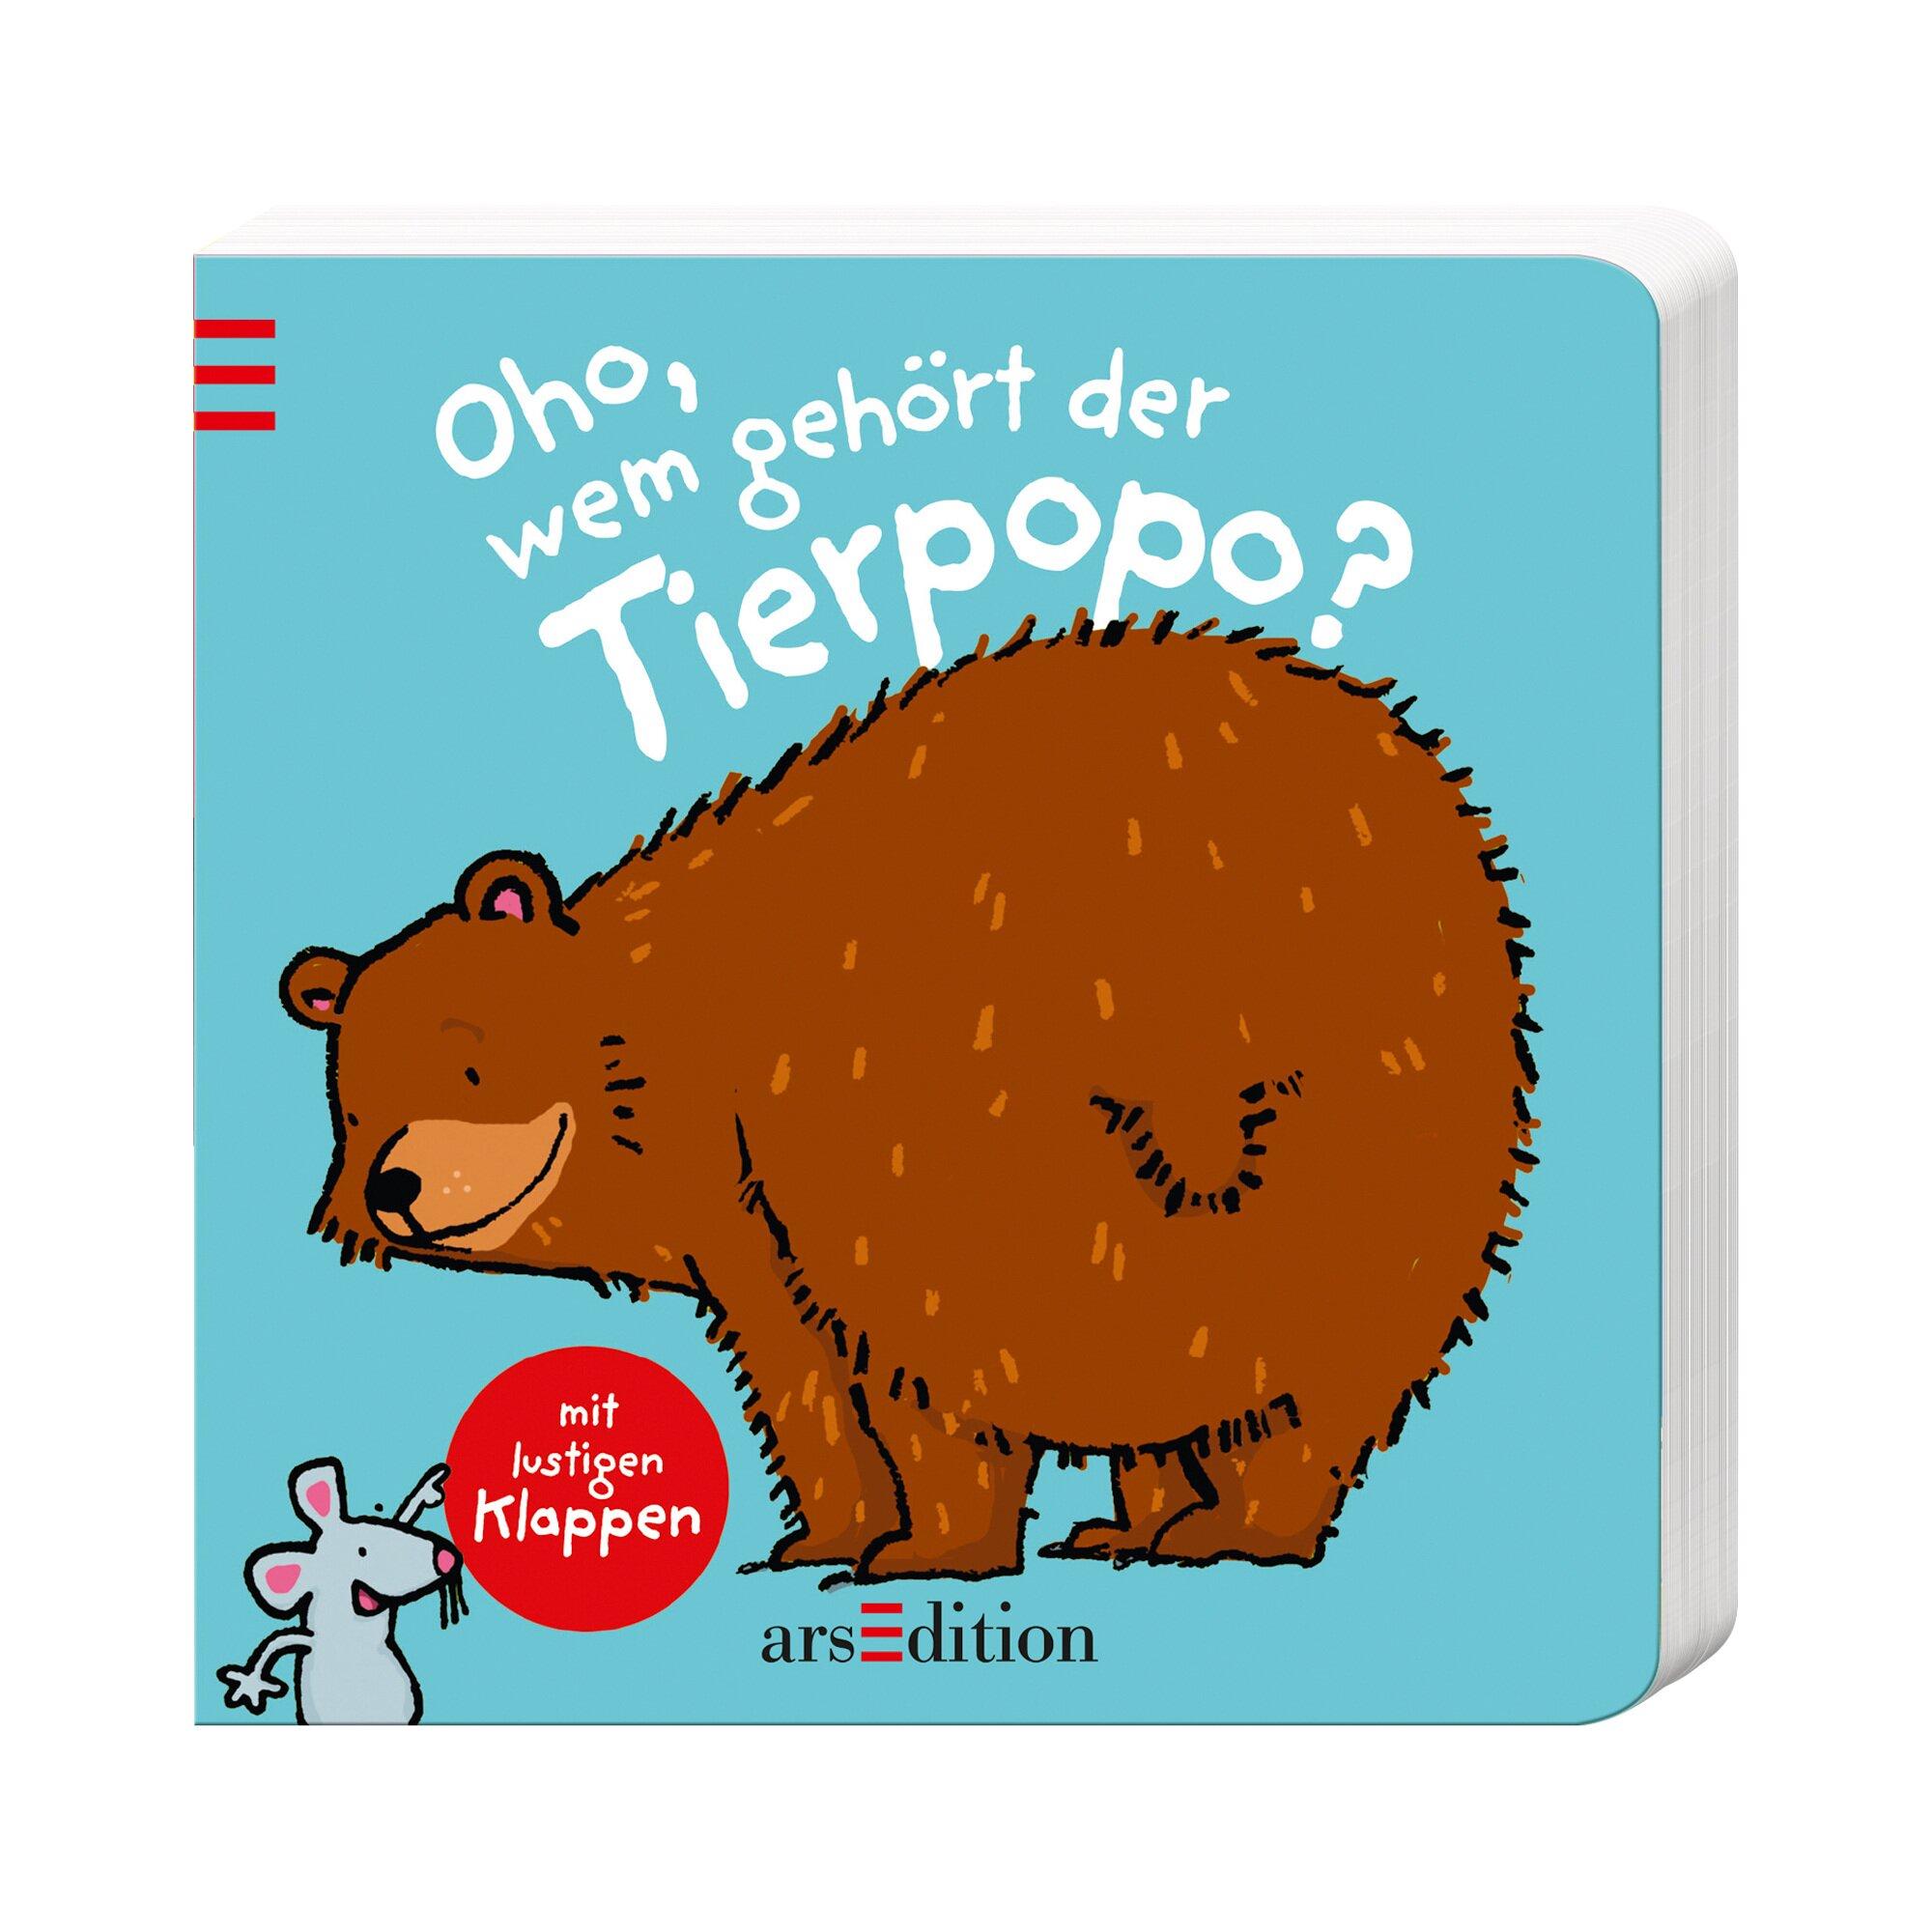 Ars Edition Pappbilderbuch Oho, wem gehört der Tierpopo?